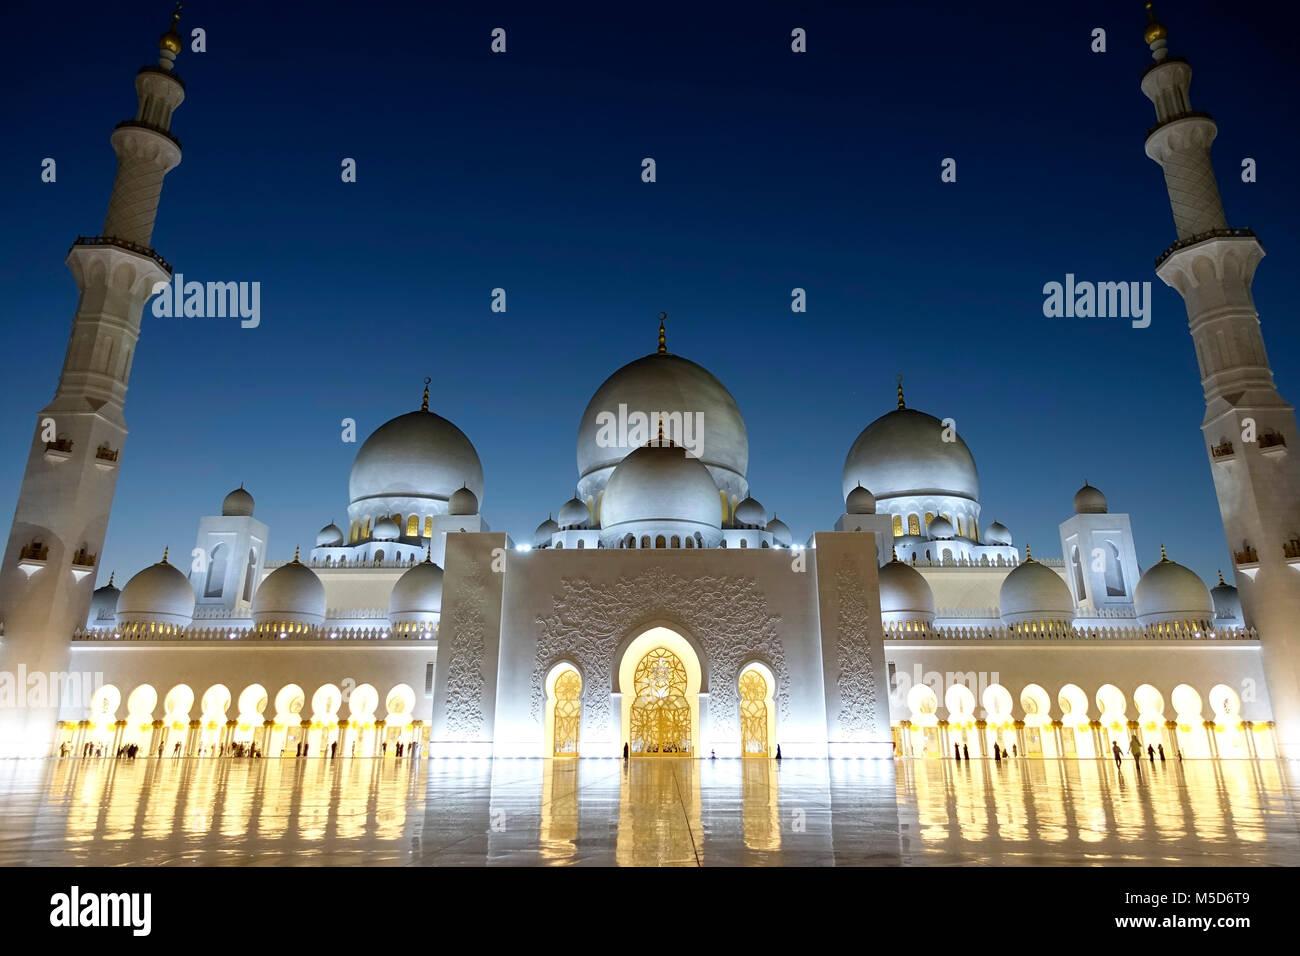 La mosquée de Sheikh Zayid de nuit, Abu Dhabi, Émirats Arabes Unis Photo Stock